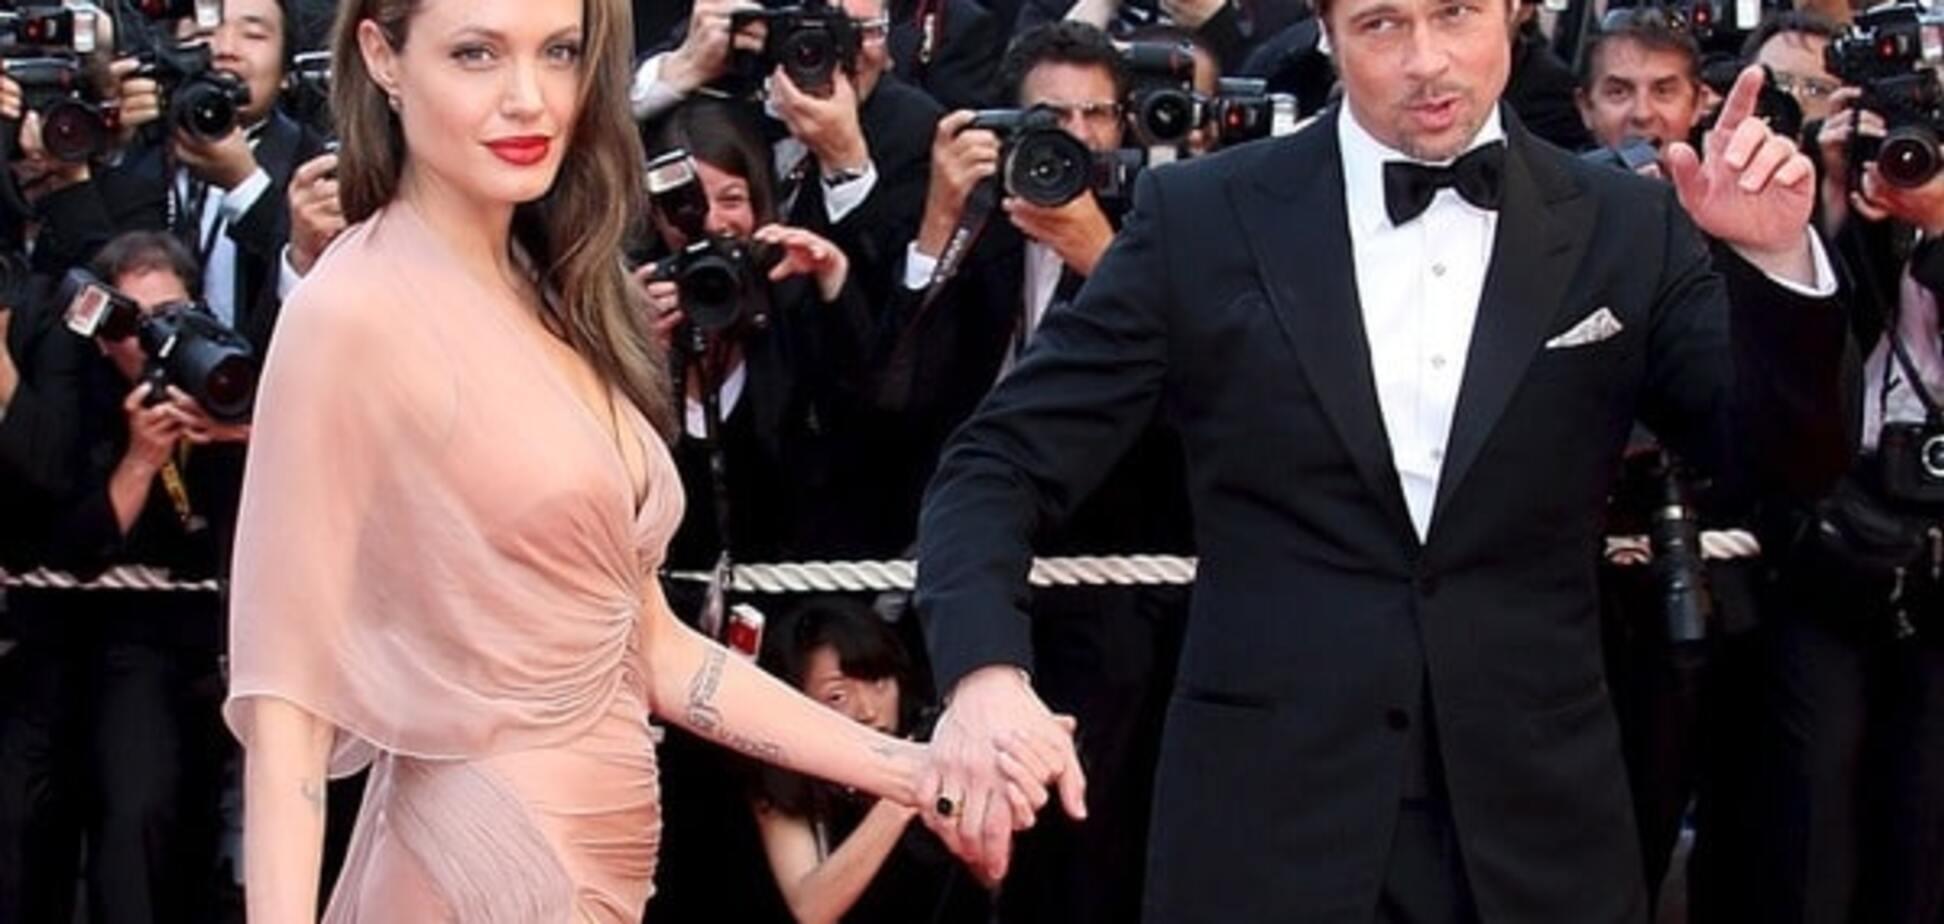 СМИ узнали причину развода Аджелины Джоли и Брэда Питта